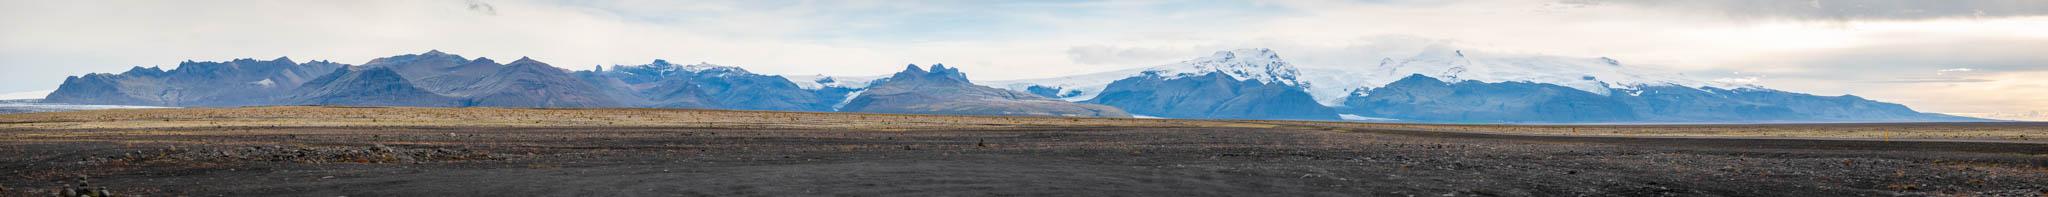 Reportatge fotogràfic per Tierras Polares a Islandia - Panoràmica montada a partir de 22 fotografies